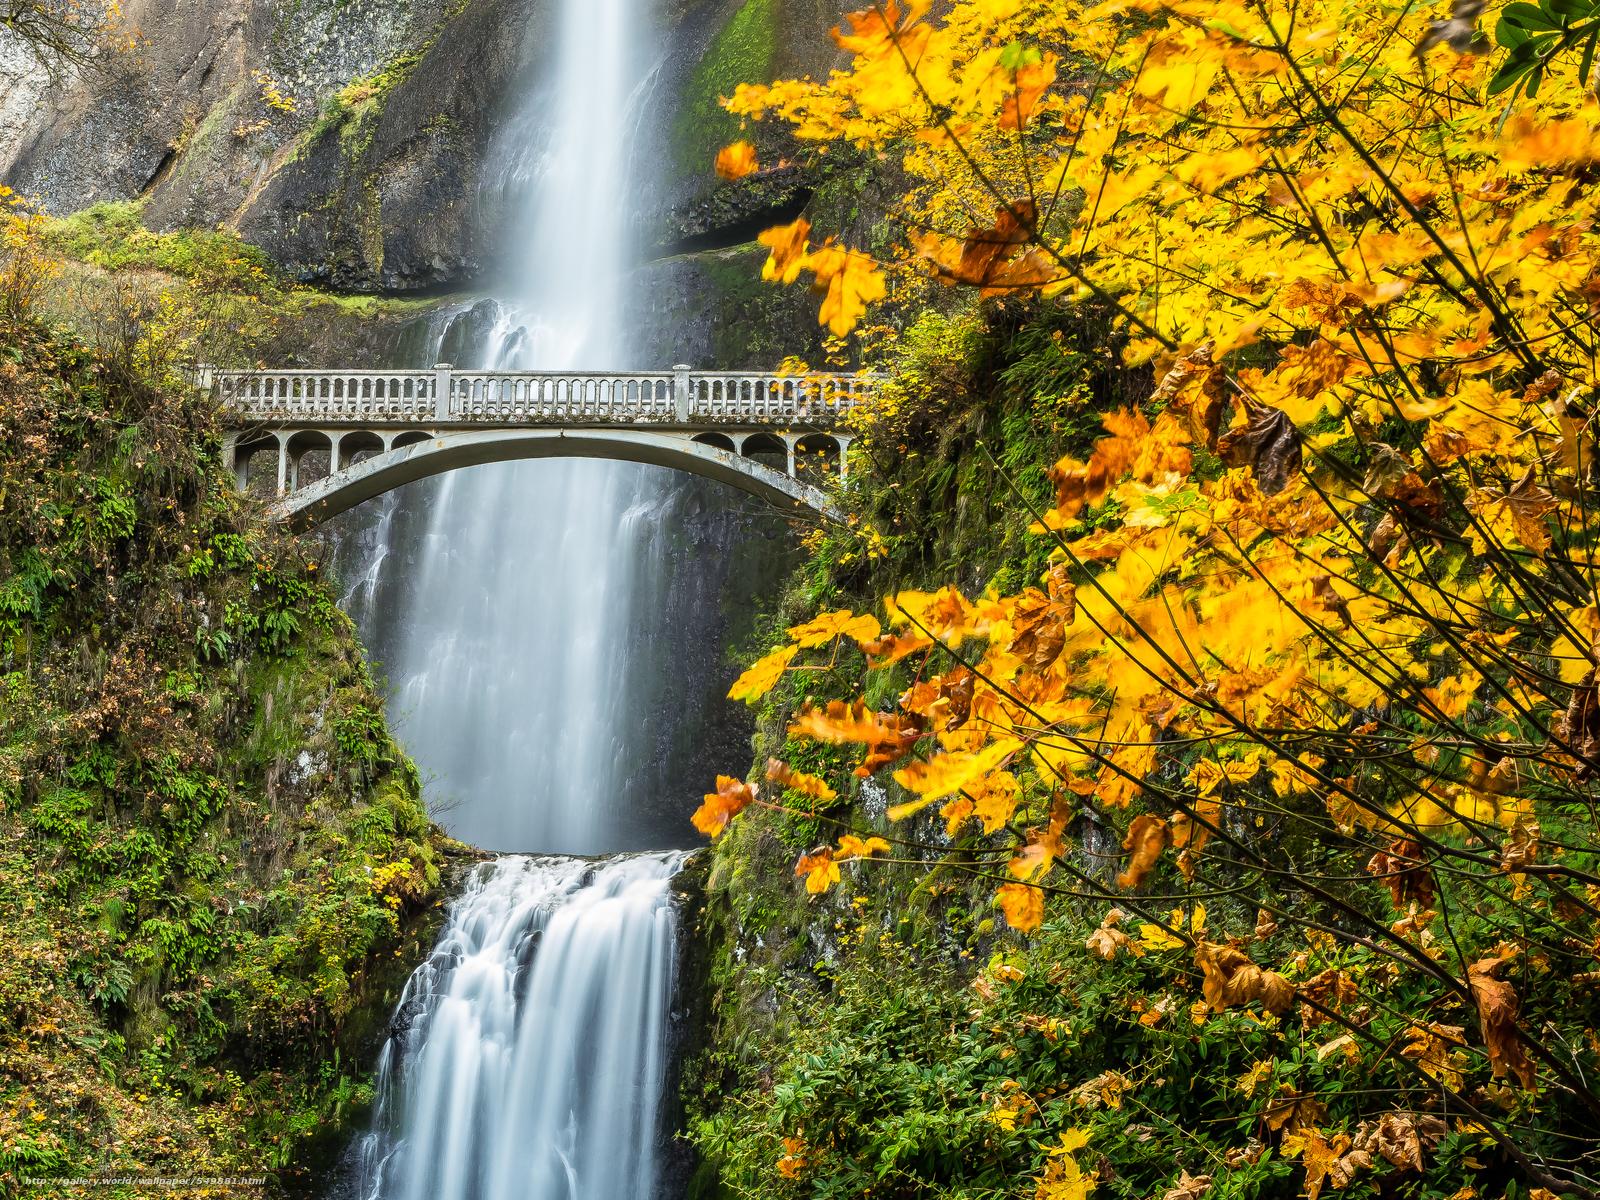 Nature Wallpaper Waterfall Columbia River Oregon: Scaricare Gli Sfondi Multnomah Falls Columbia River Gorge